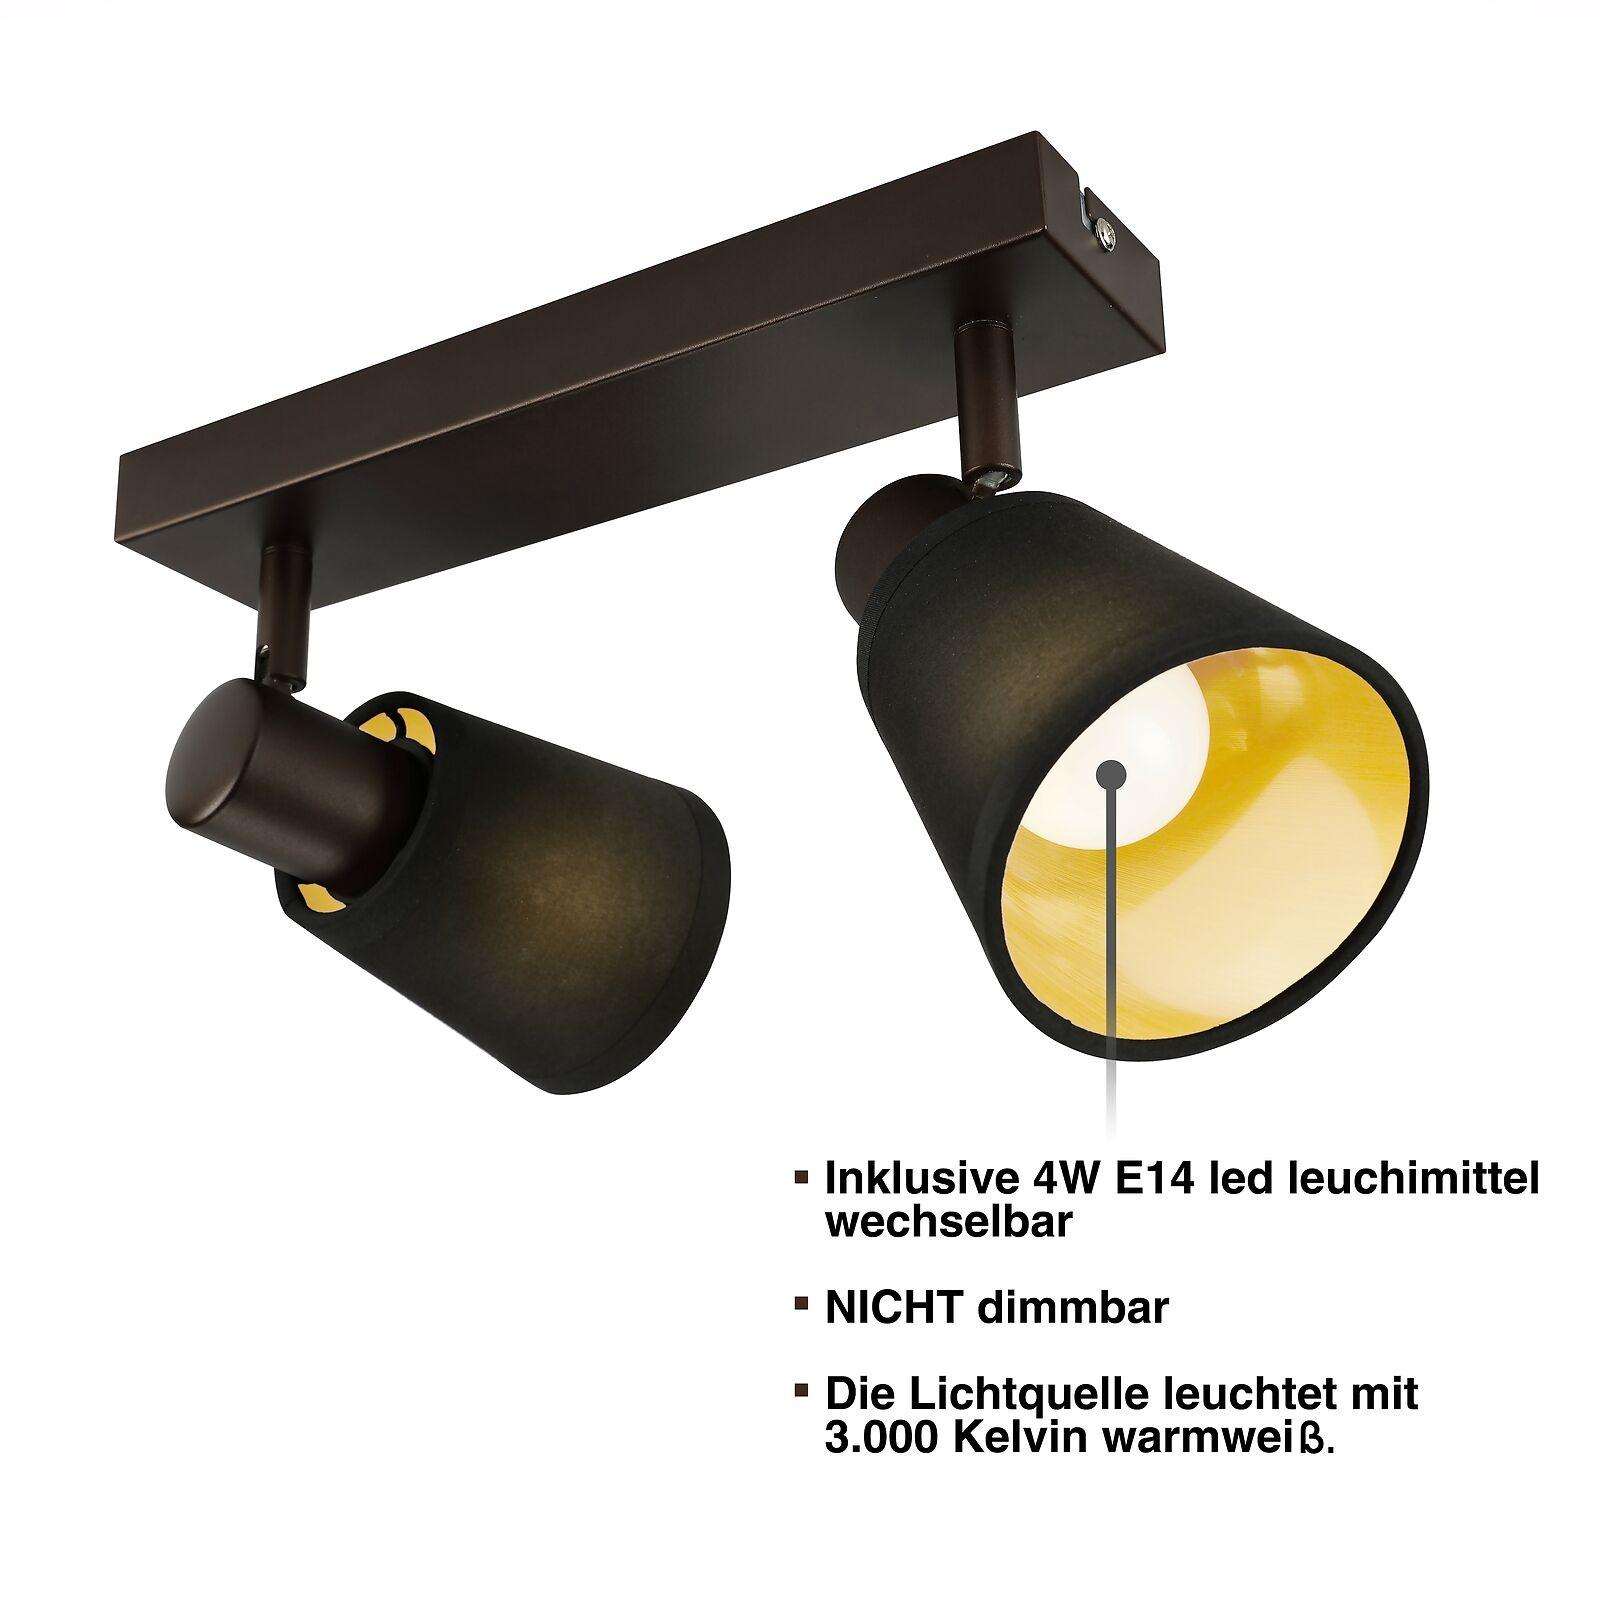 IMPTS LED Deckenleuchte Spot Lampe Strahler warmweiß Deckenlampe 1-4 Fammig